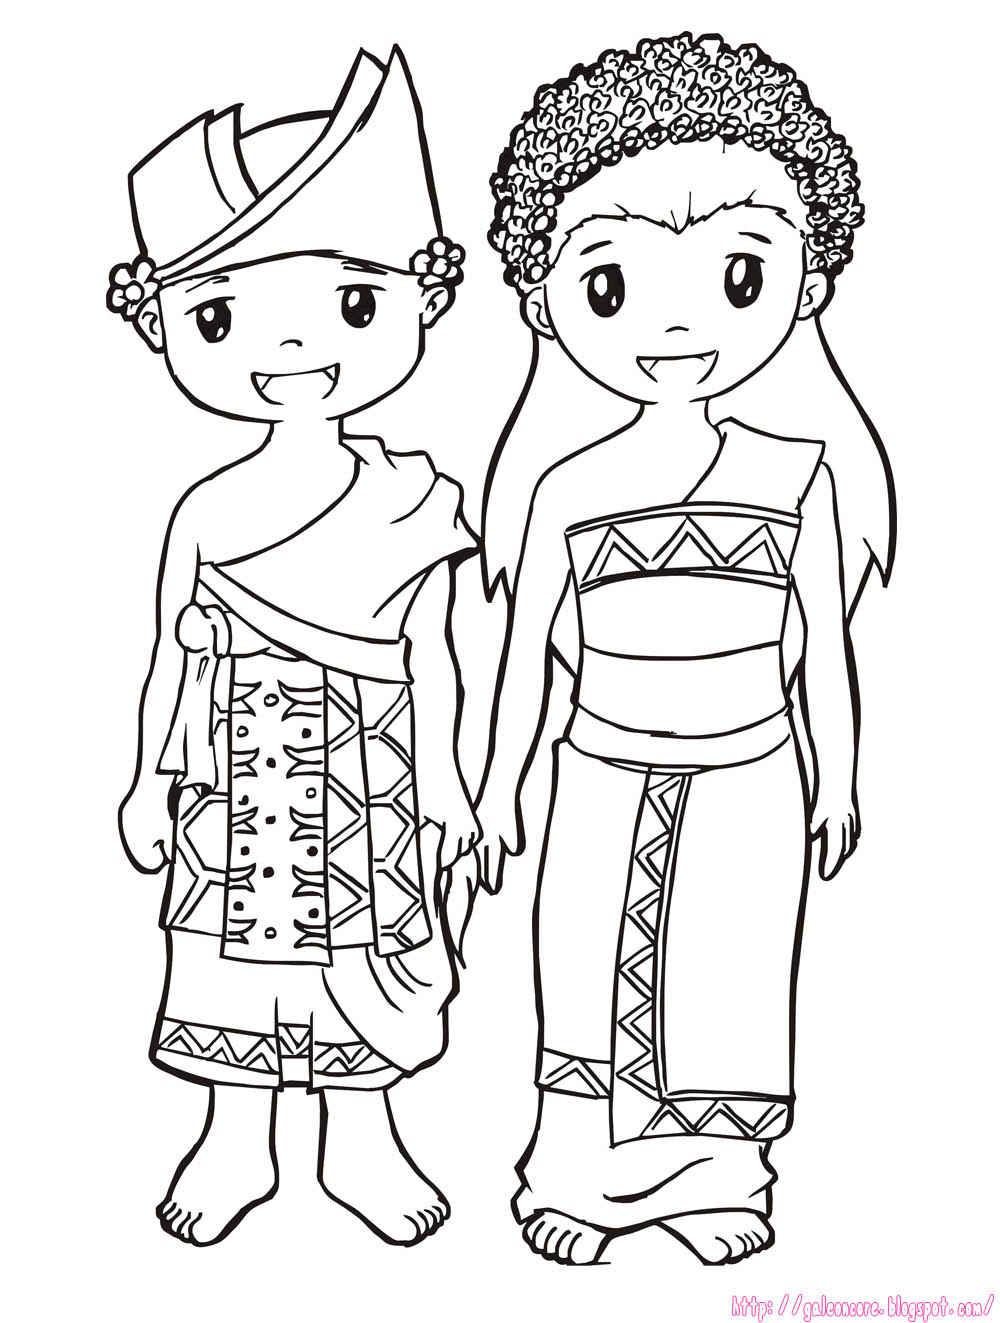 Rumah Adat Dan Pakaian Adat Bali baju adat bali sketch coloring page